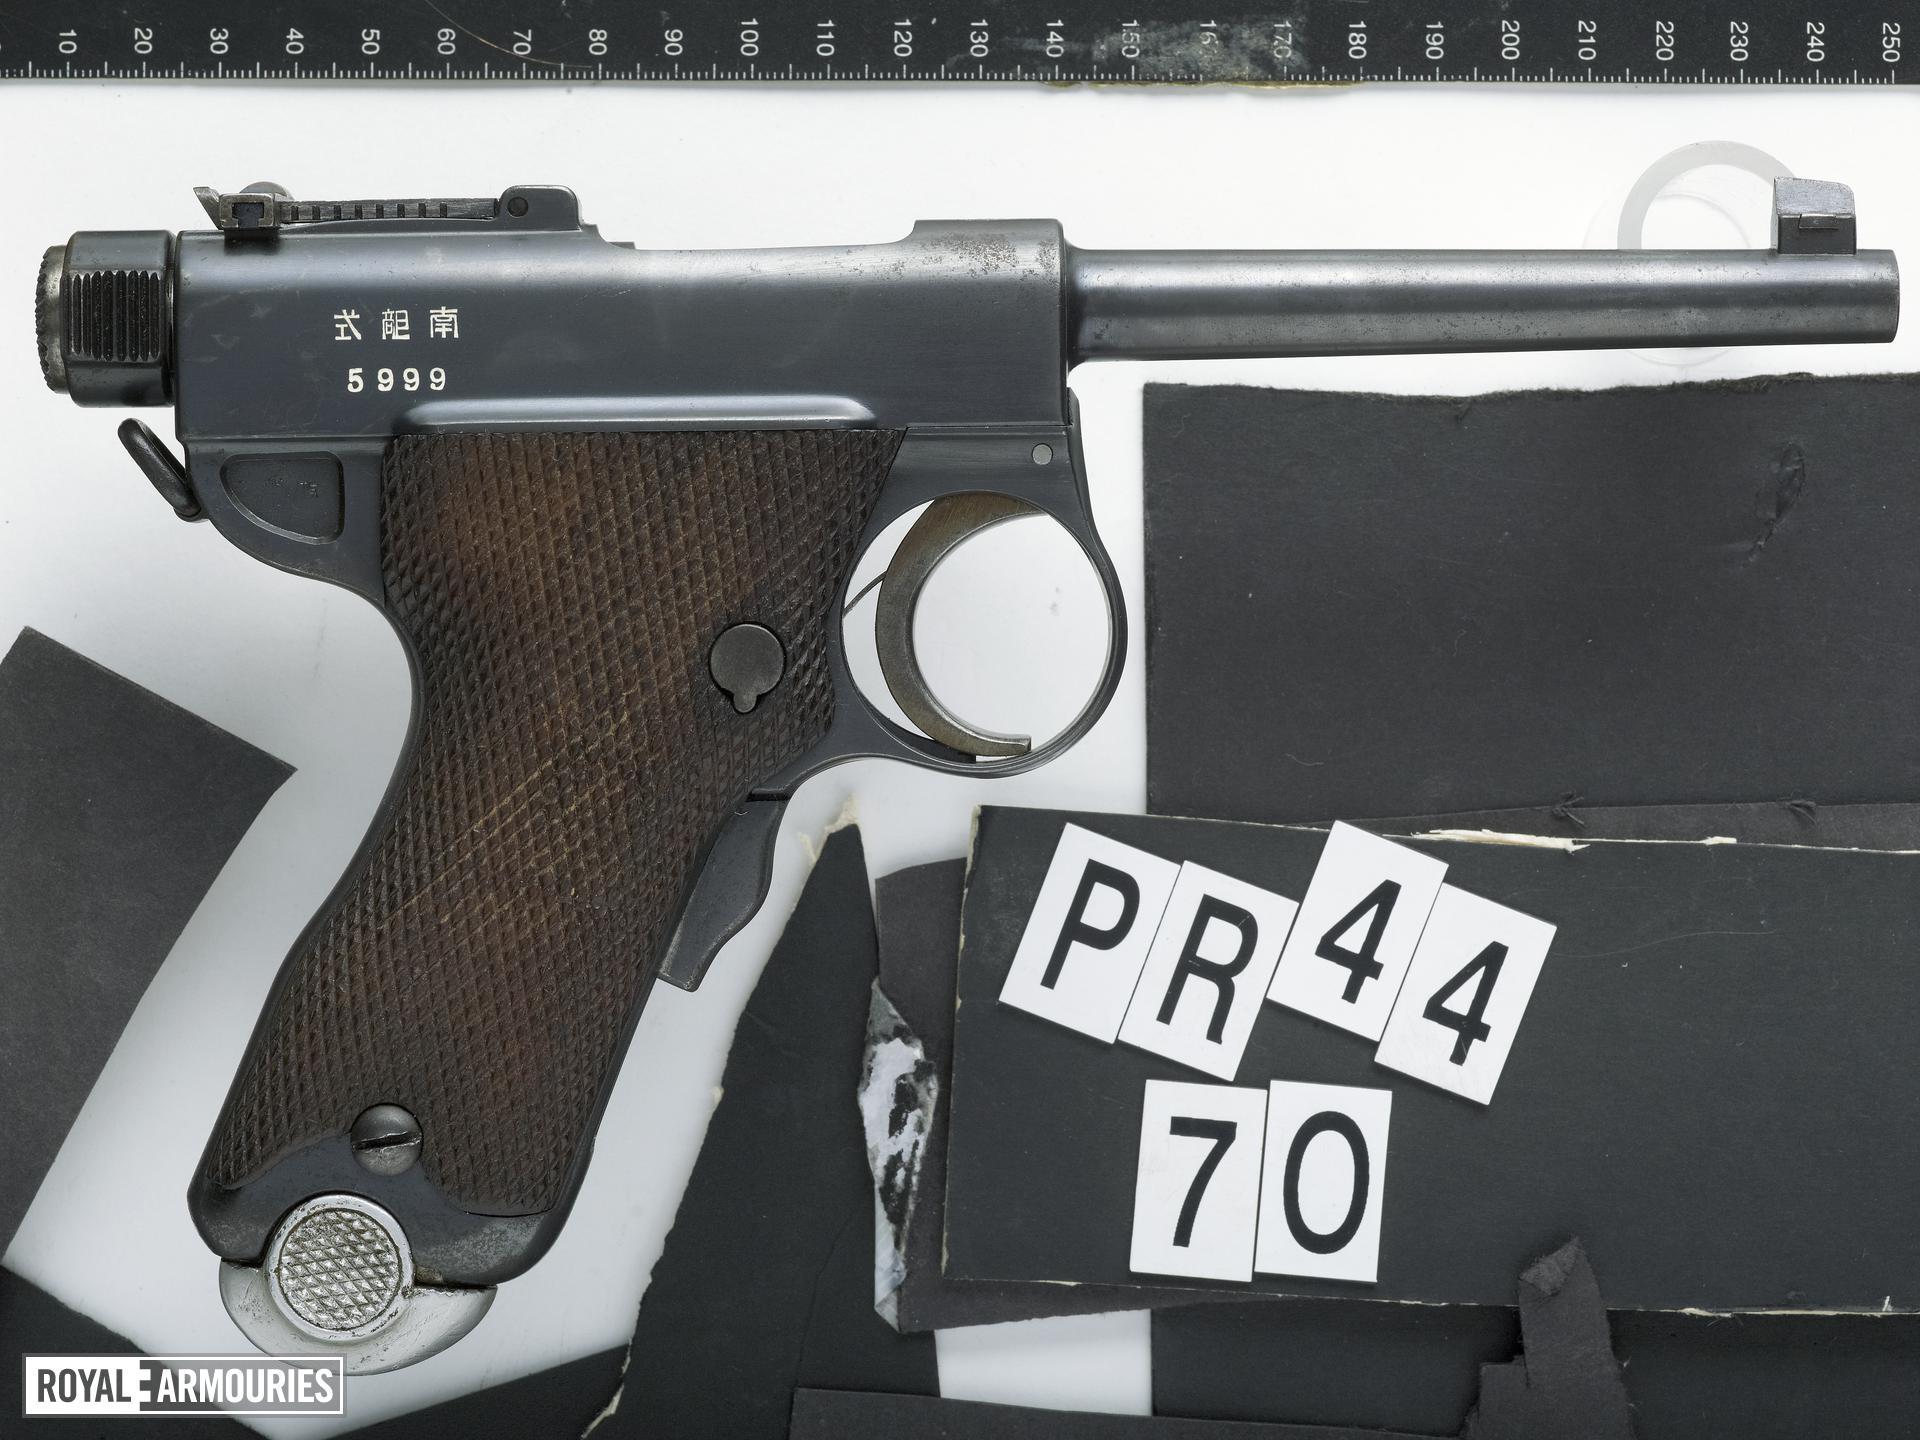 Centrefire self-loading pistol - Nambu Type 1902 Modified